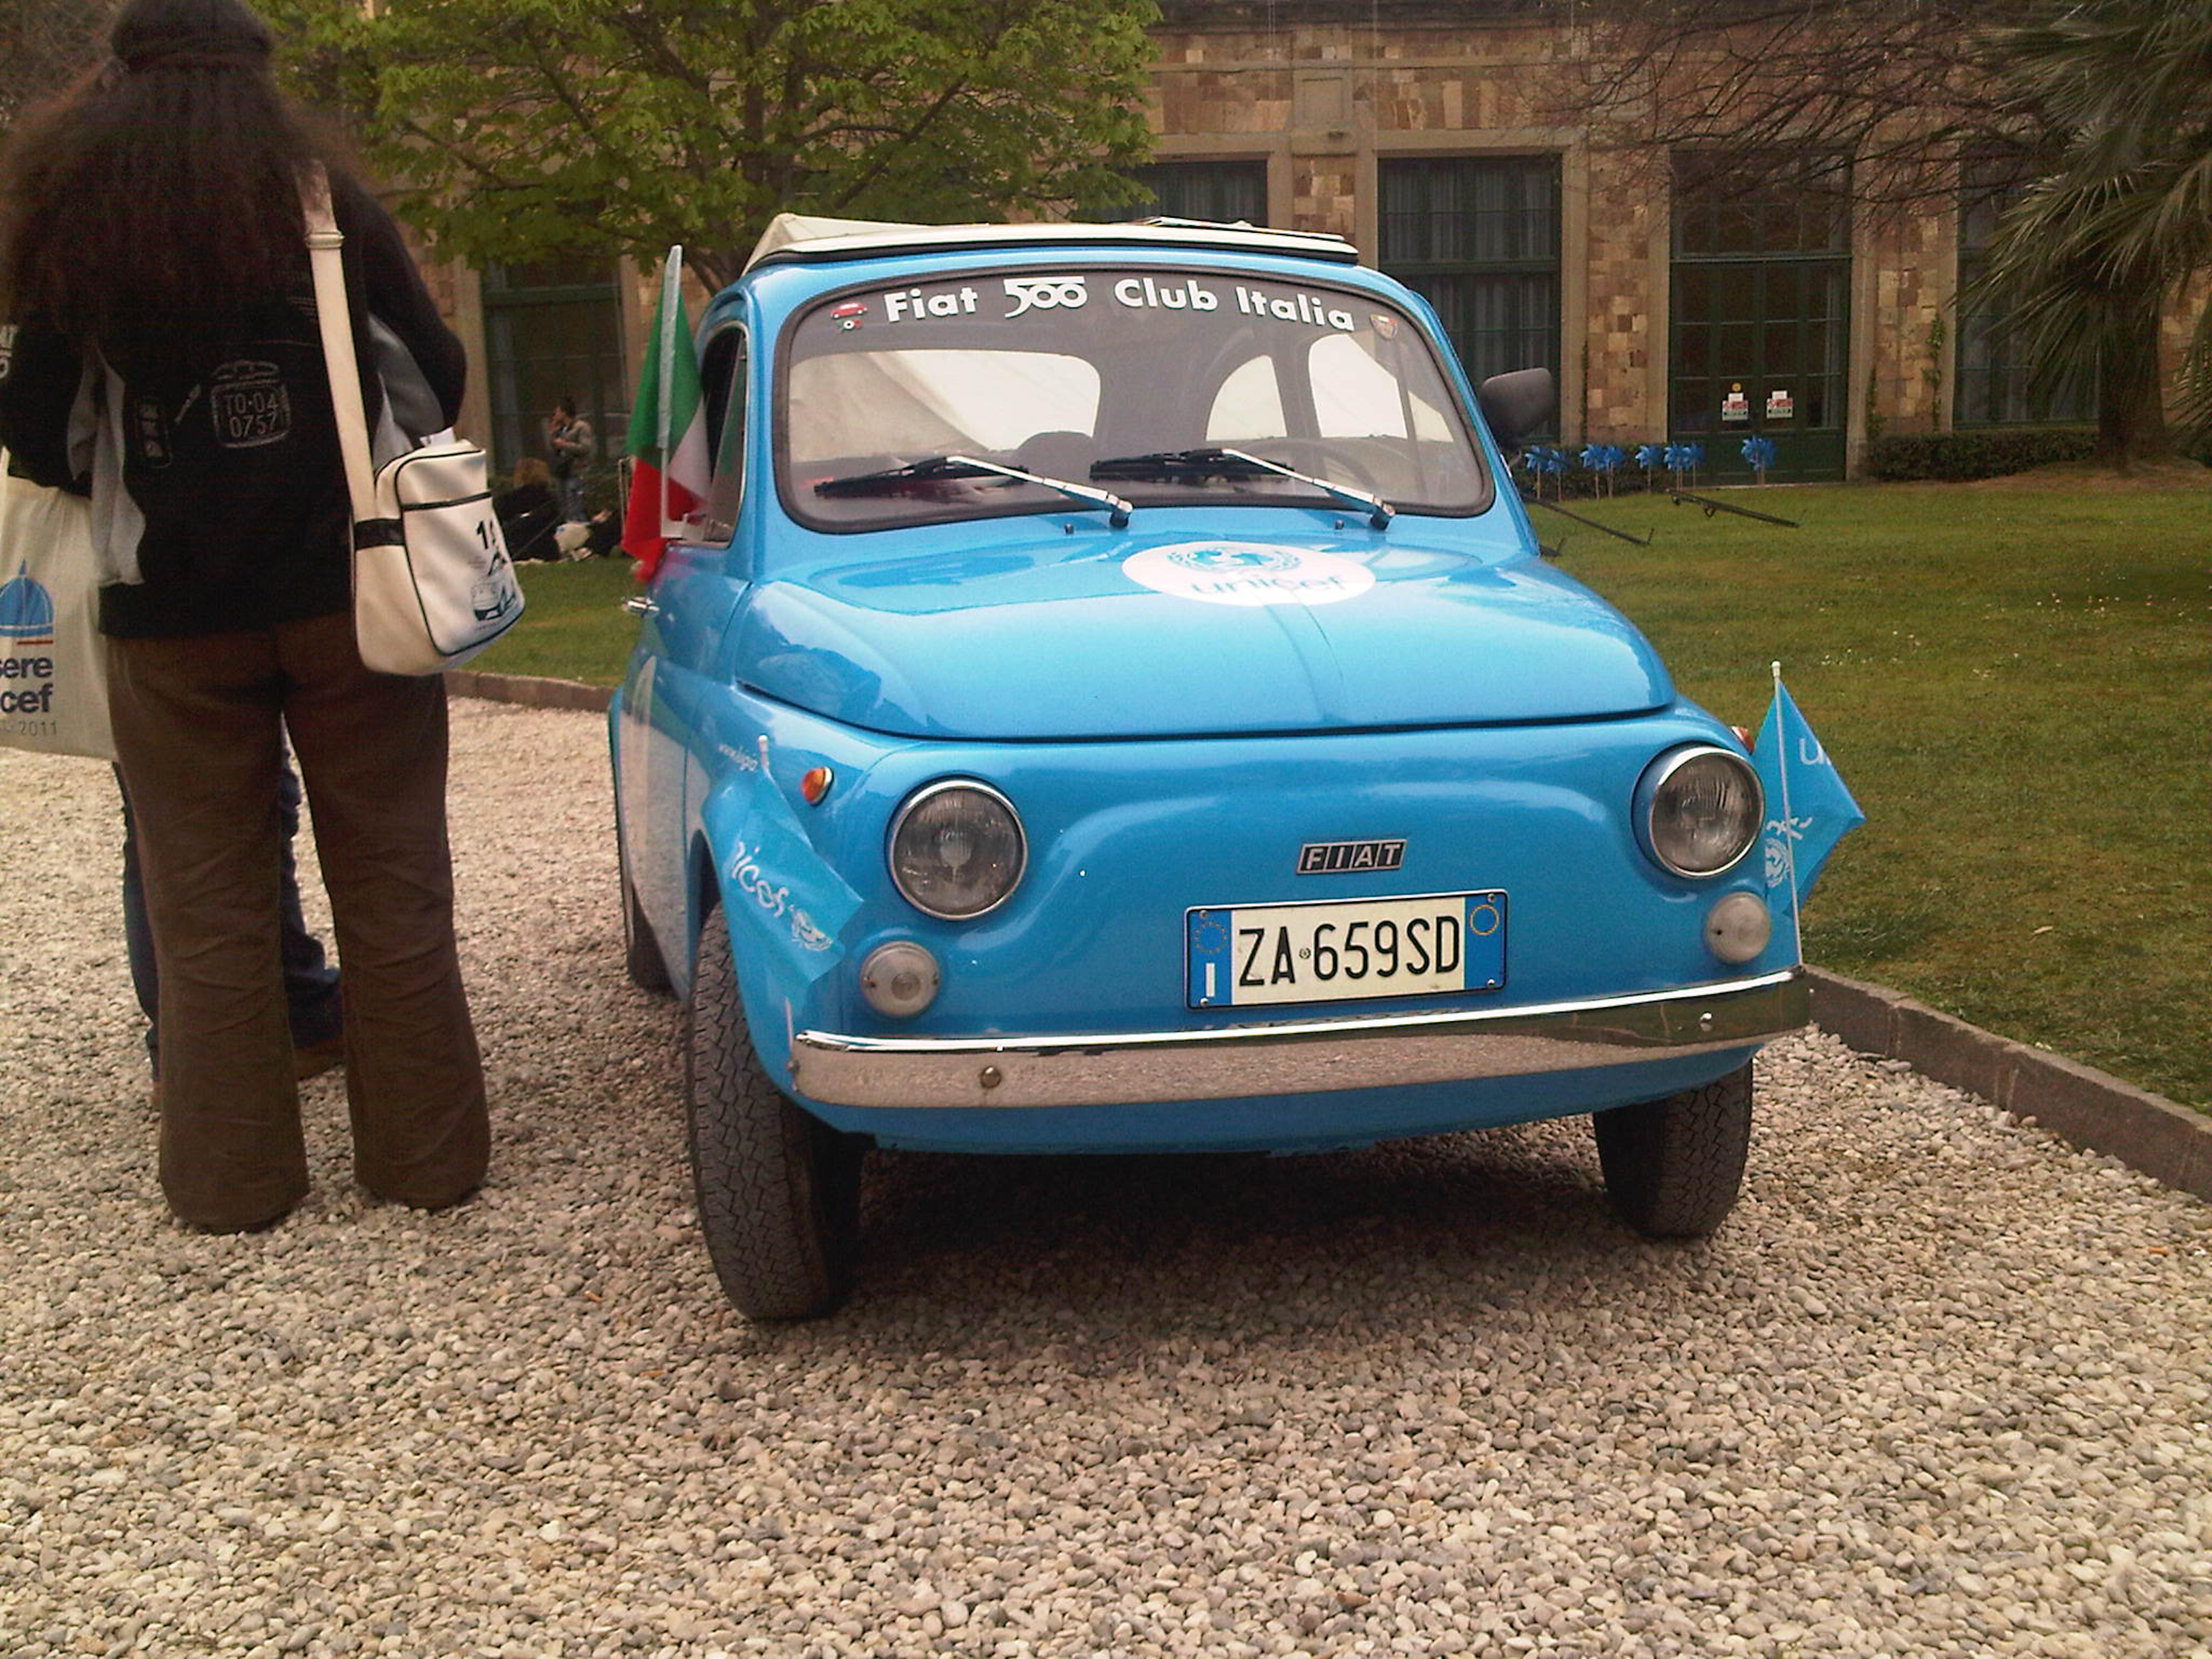 Una Fiat 500 storica con i colori dell'UNICEF - ©UNICEF Italia/2012/M.De Amicis